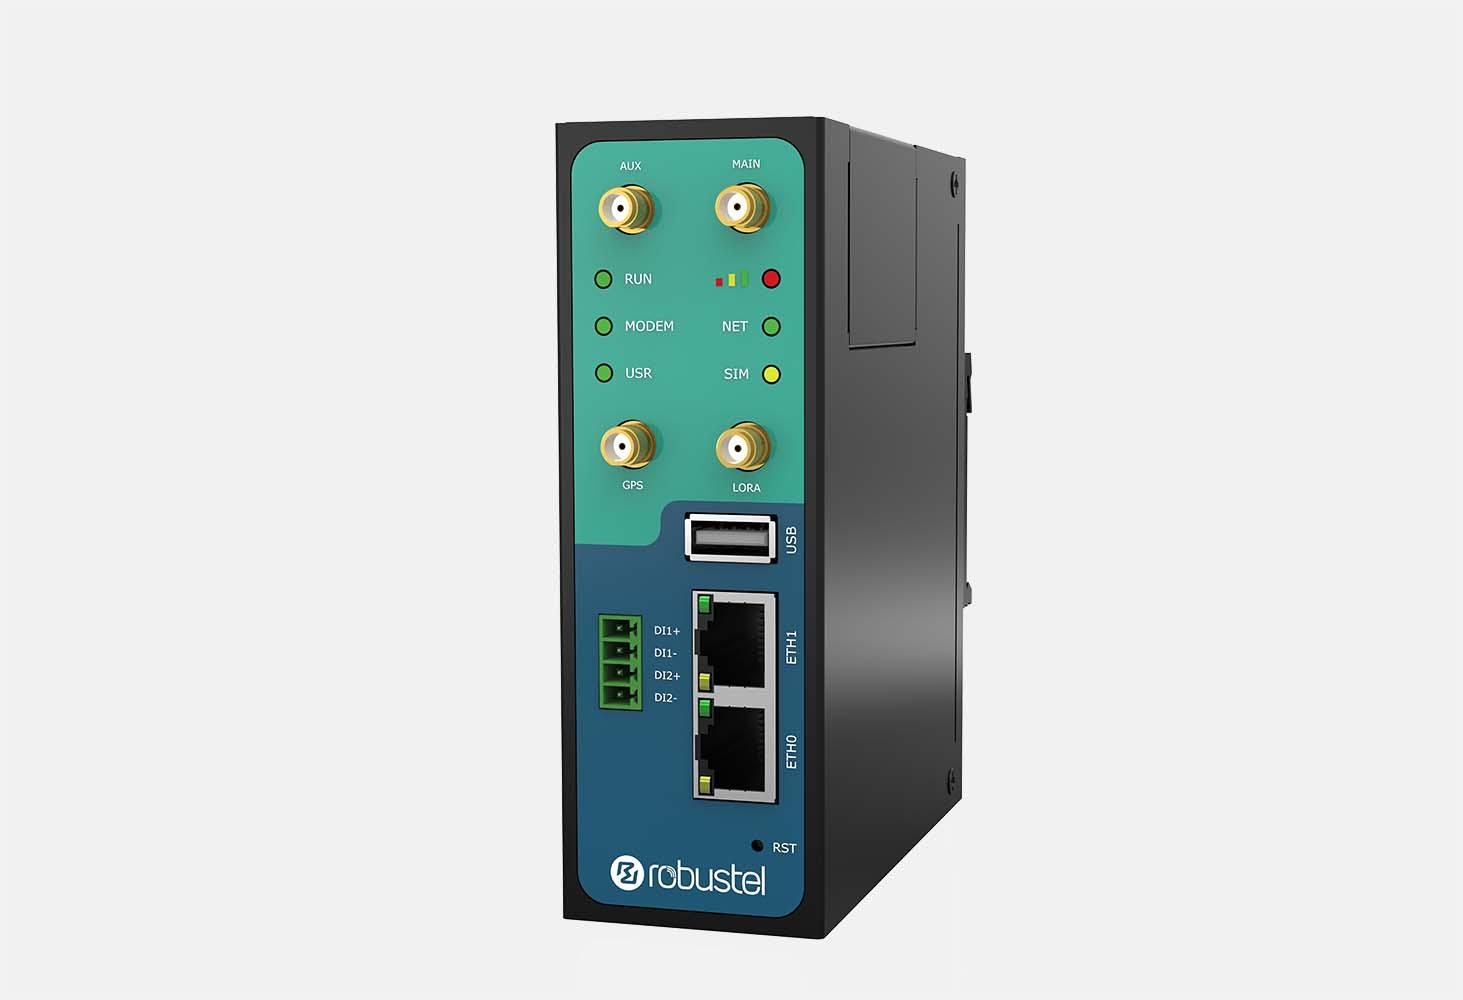 R3000-LG Industrial Lorawan Gateway